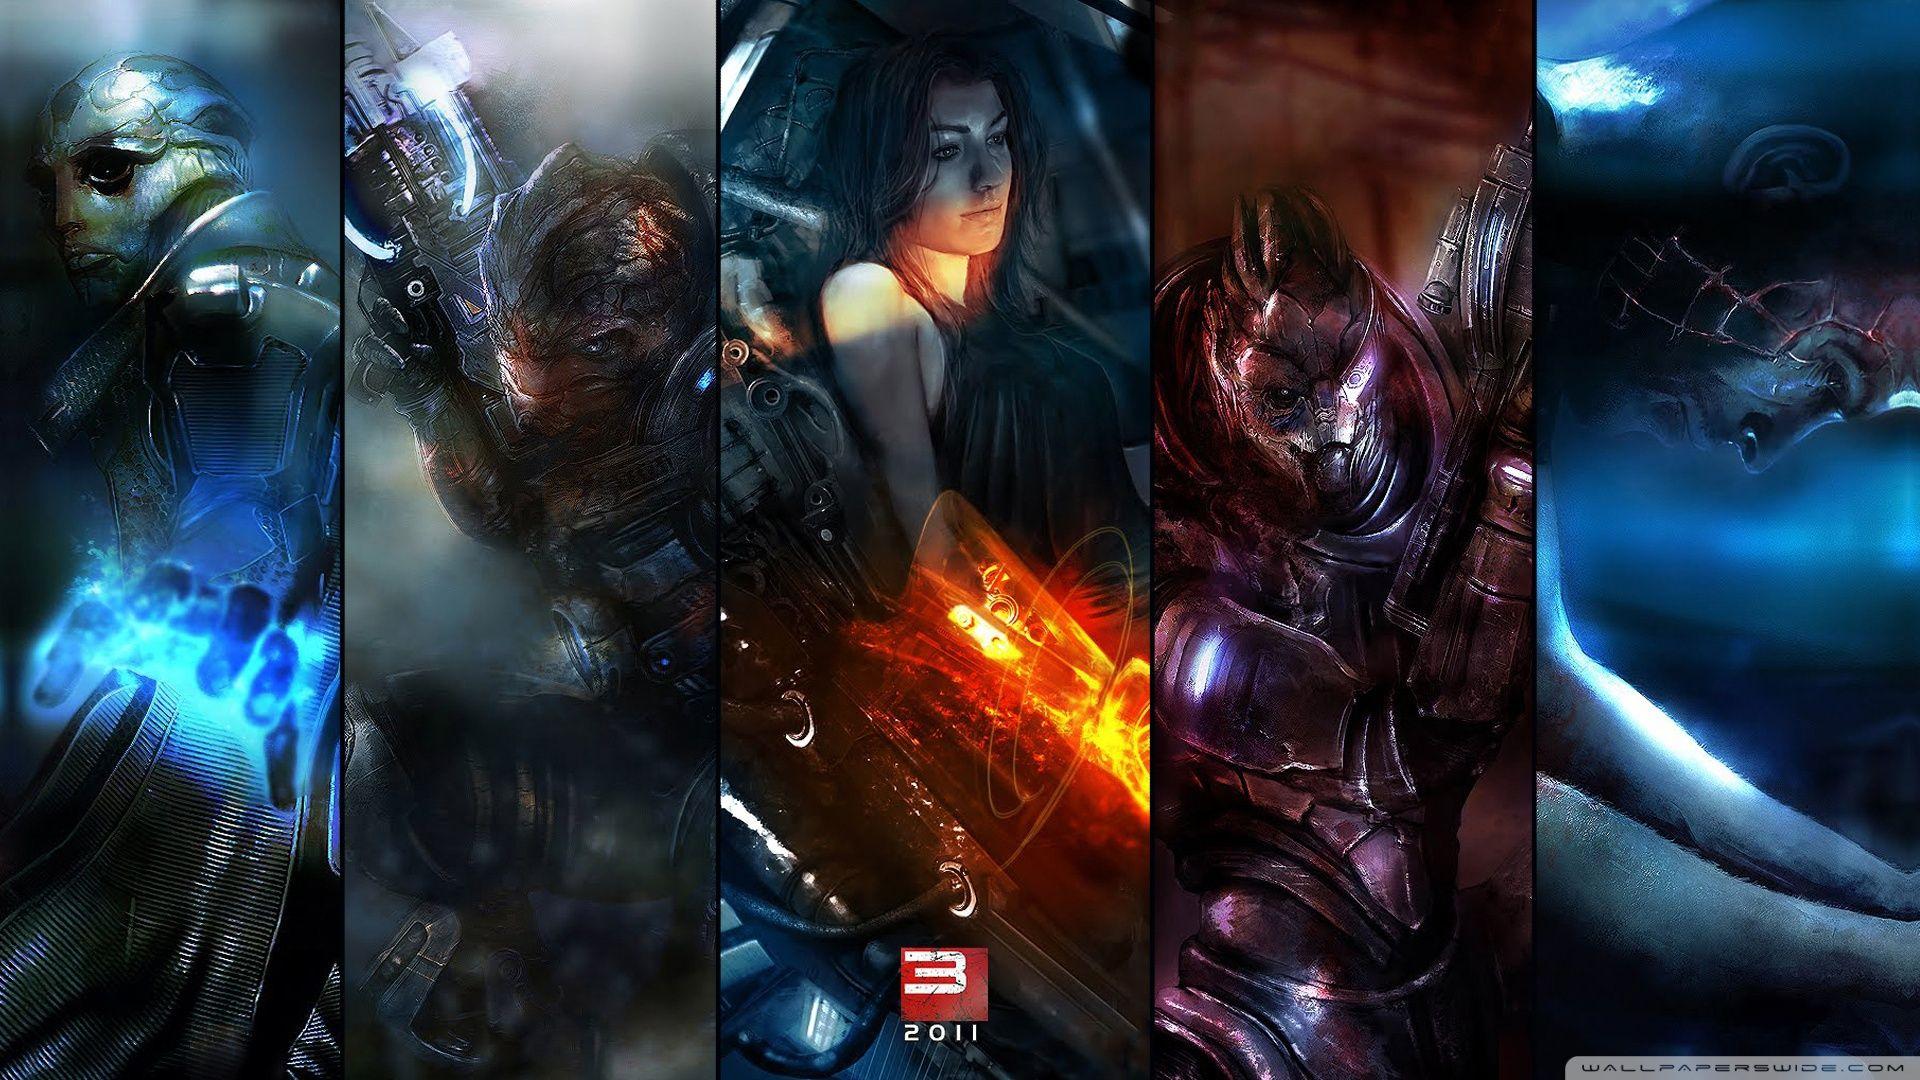 Mass Effect HD Обои Фоны Wallpaper Обои фоны, Обои, Фон